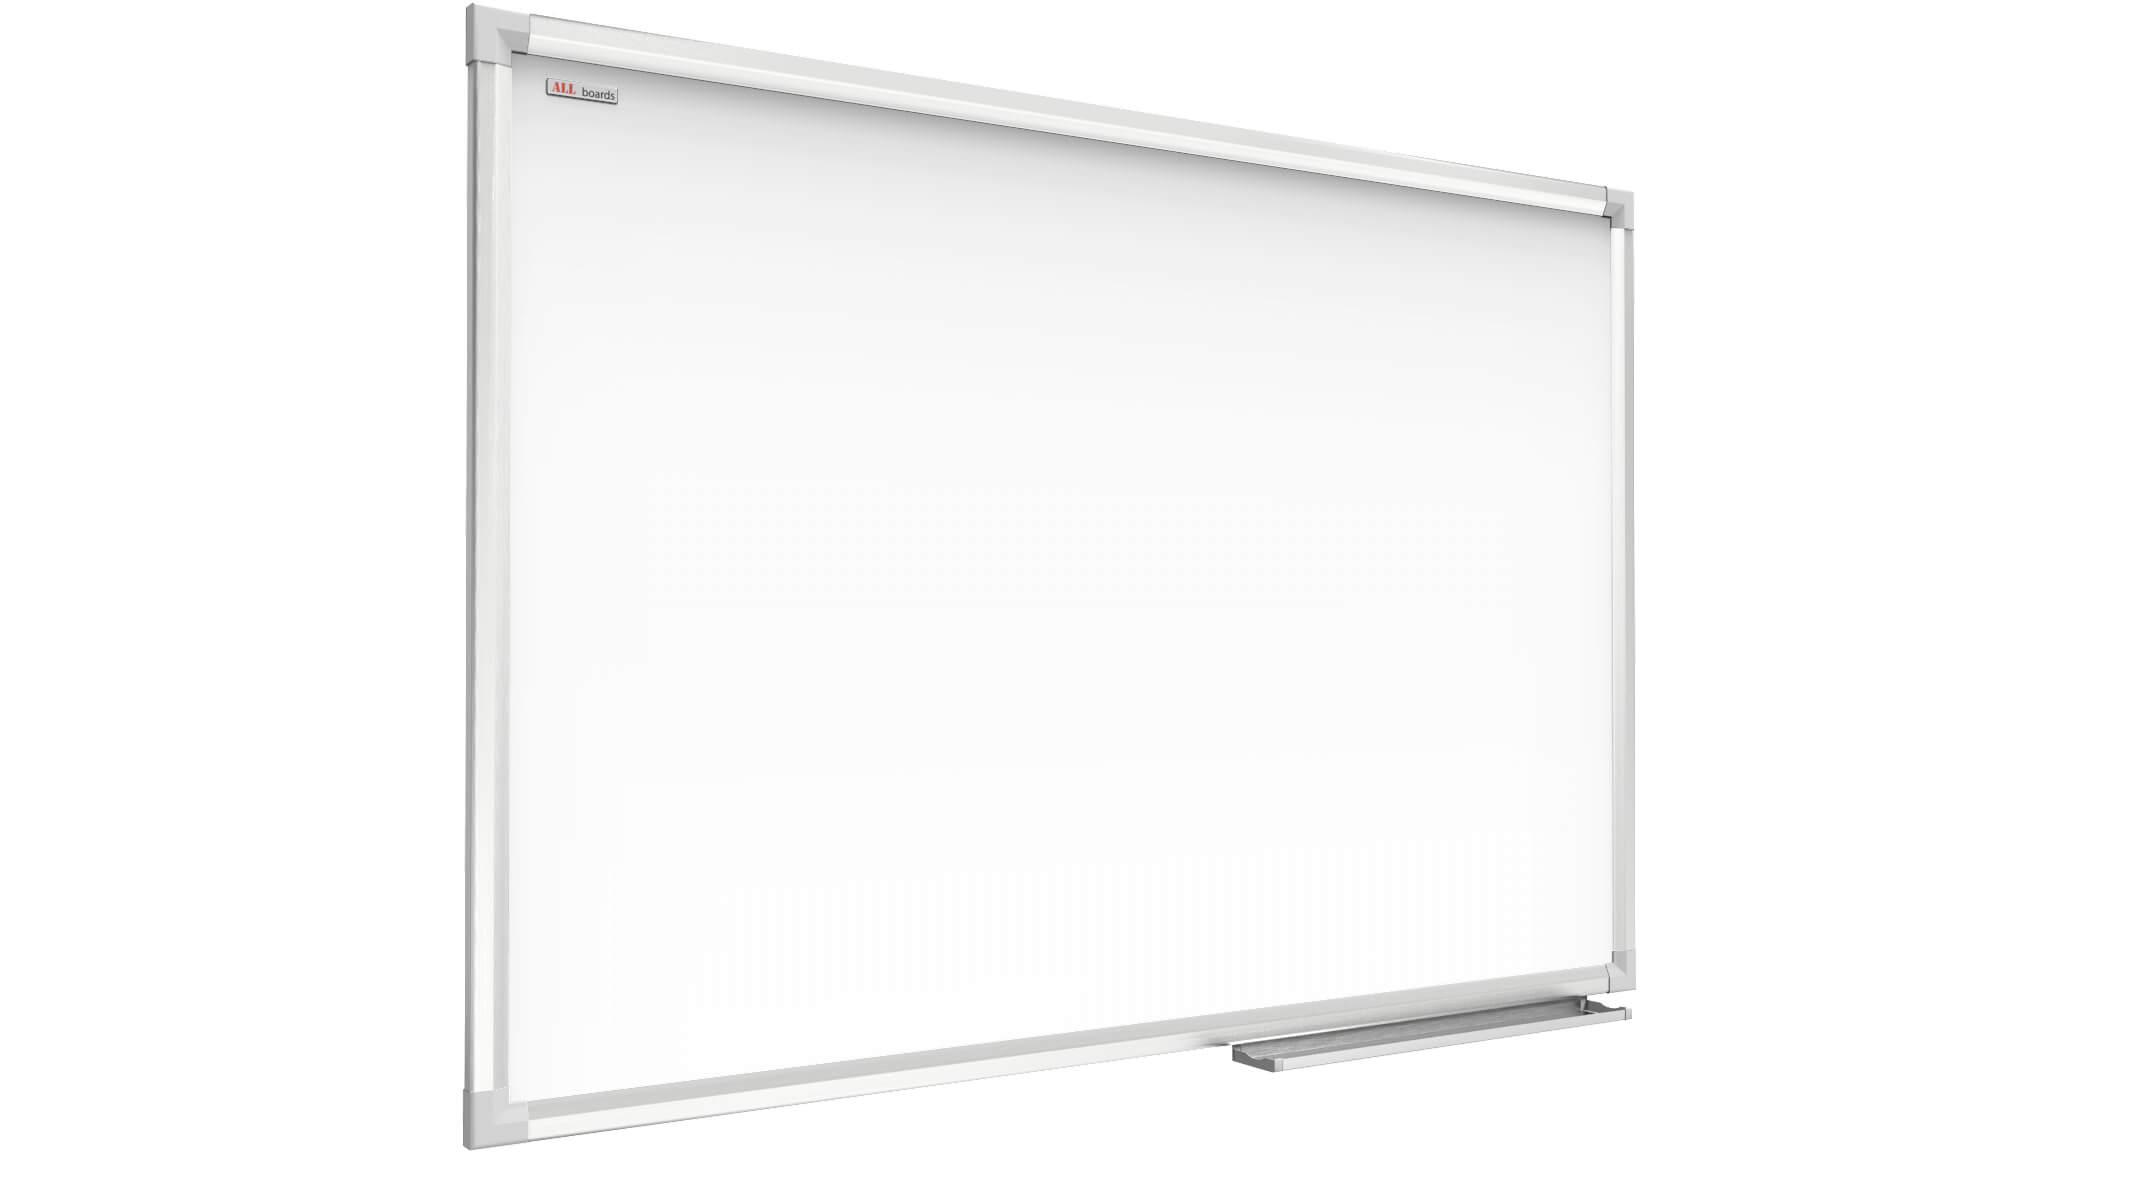 Vassoio Portapennarelli Superficie Laccata ALLboards Lavagna Bianca Magnetica Cancellabile a Secco Cornice in Alluminio Anodizzato 200x100 cm